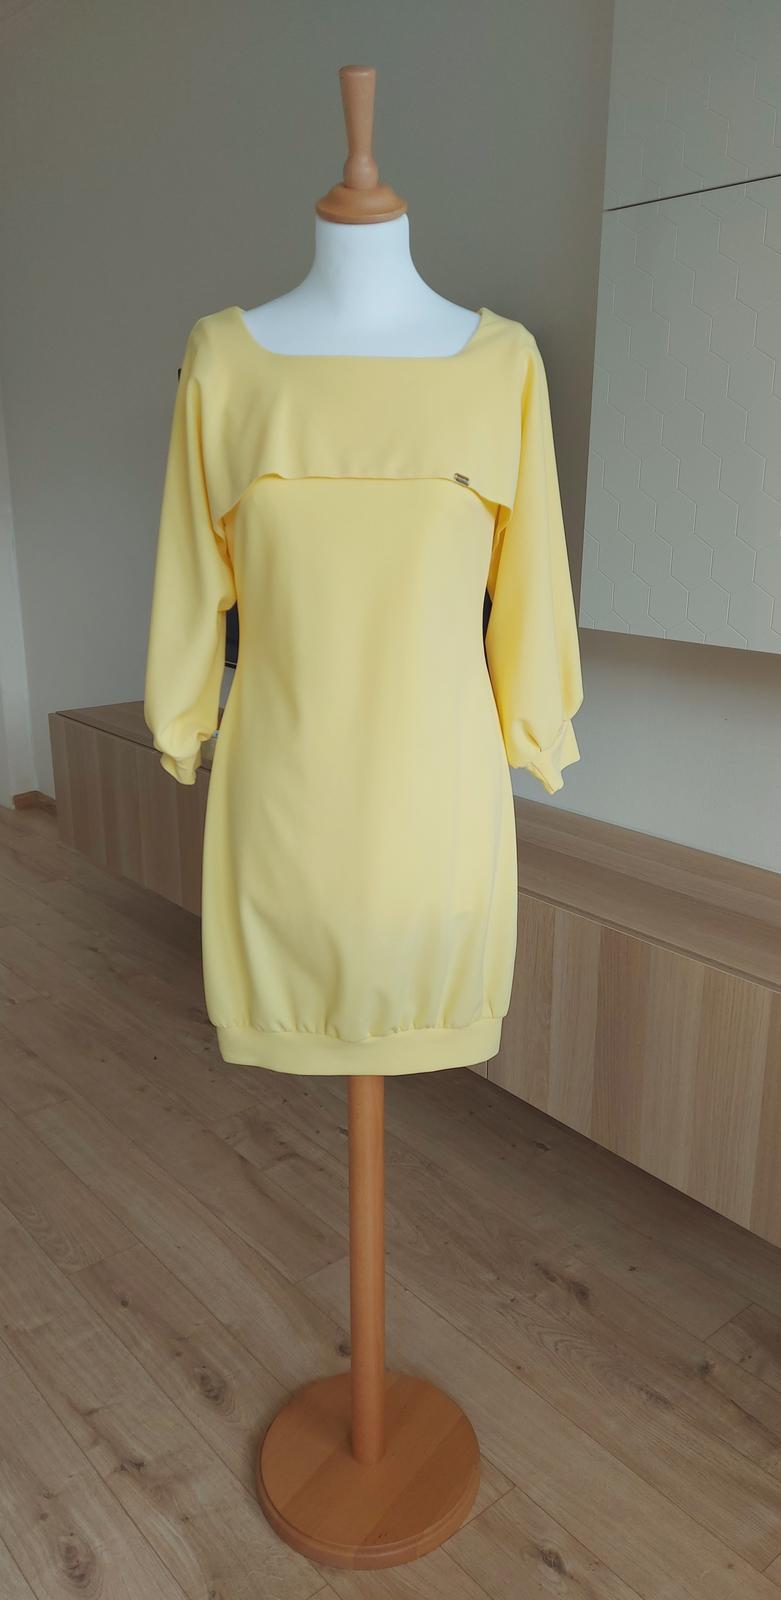 Predám žlté krátke šaty - Obrázok č. 2